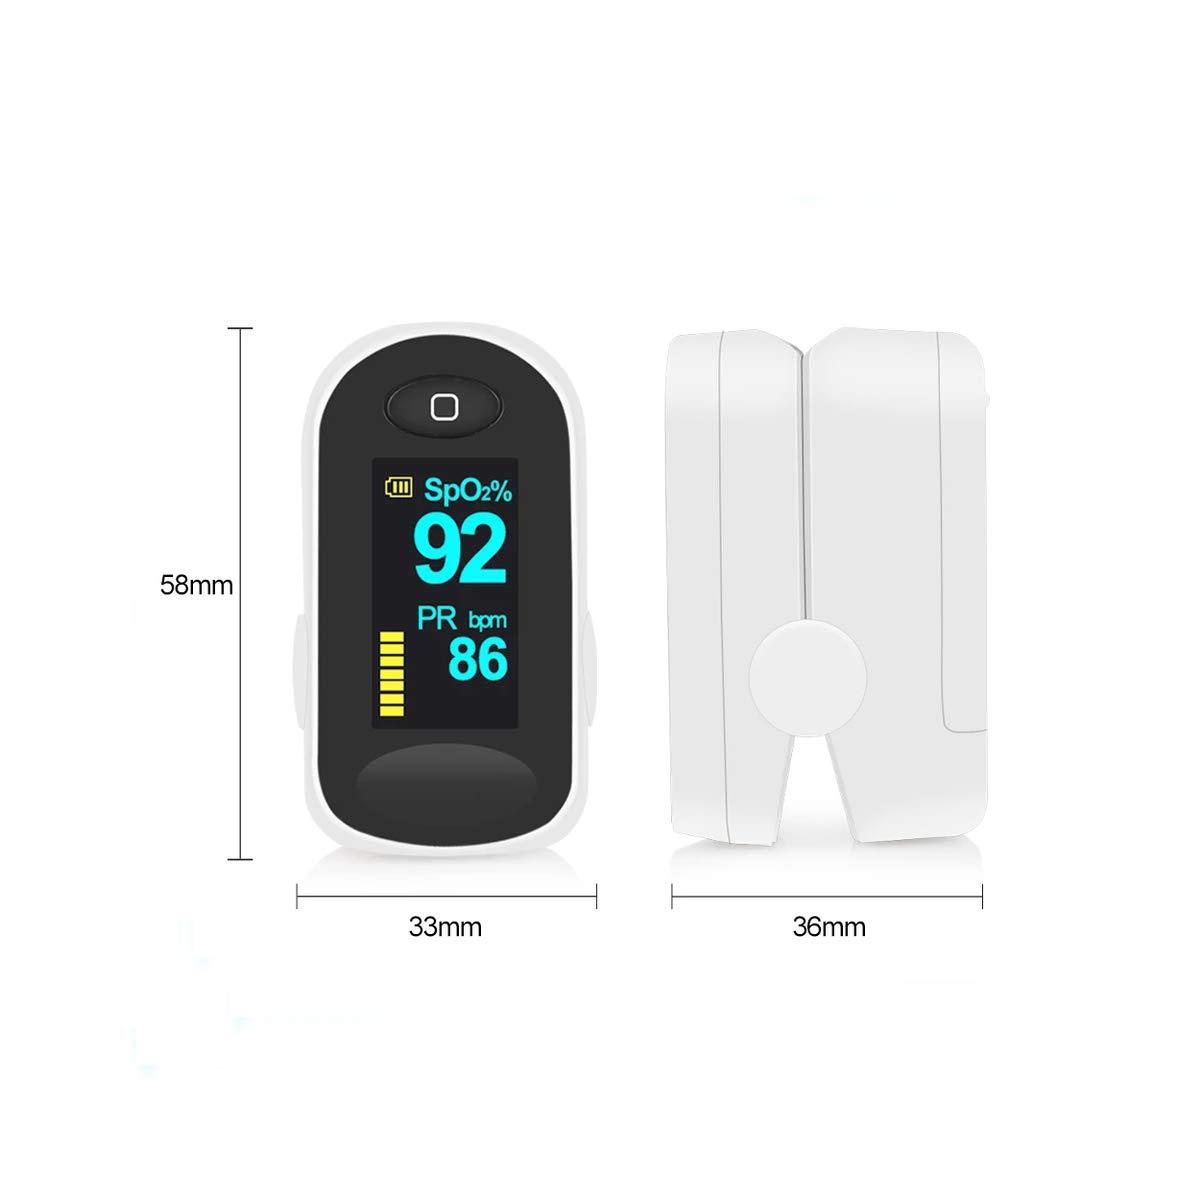 Oxímetro de Pulso, Elevenses Pulsioxímetro con Pantalla OLED, Oxímetro con función de alarma, Aaprobado por la FDA y la CE, Oxímetro de dedo para medir la ...